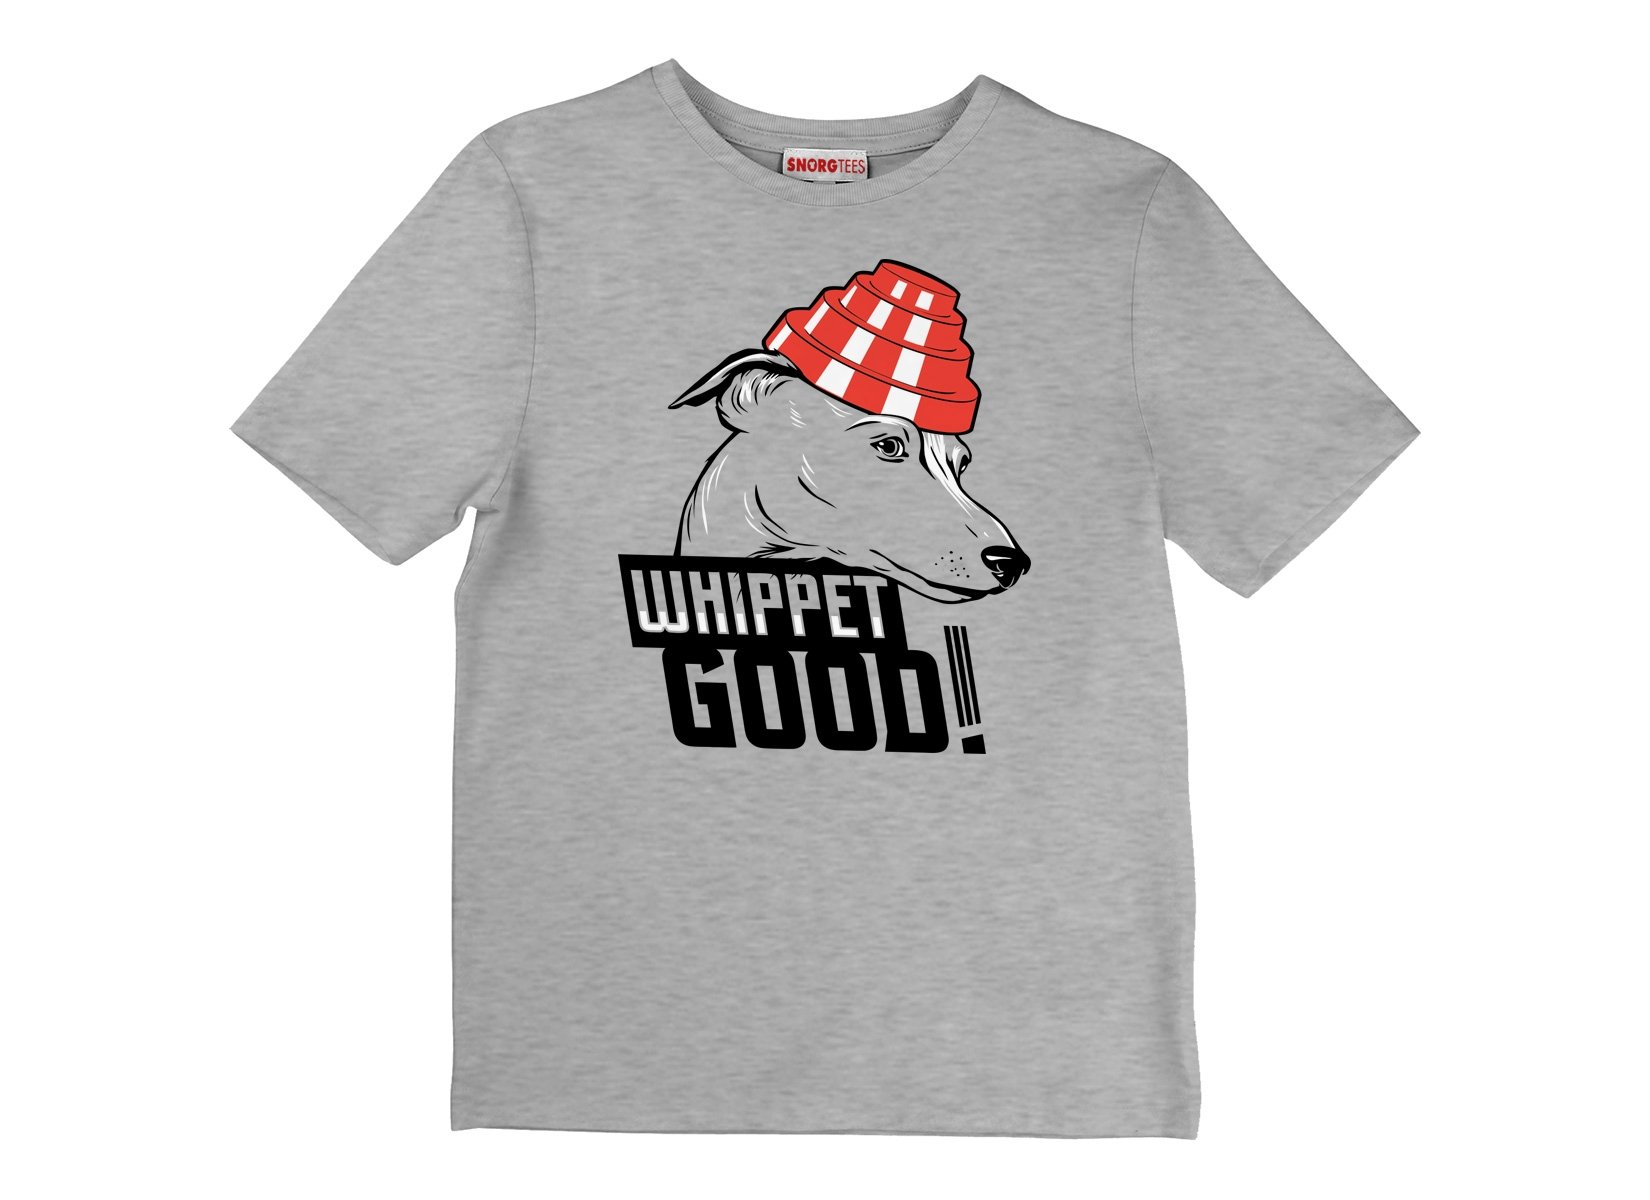 Whippet Good! on Kids T-Shirt